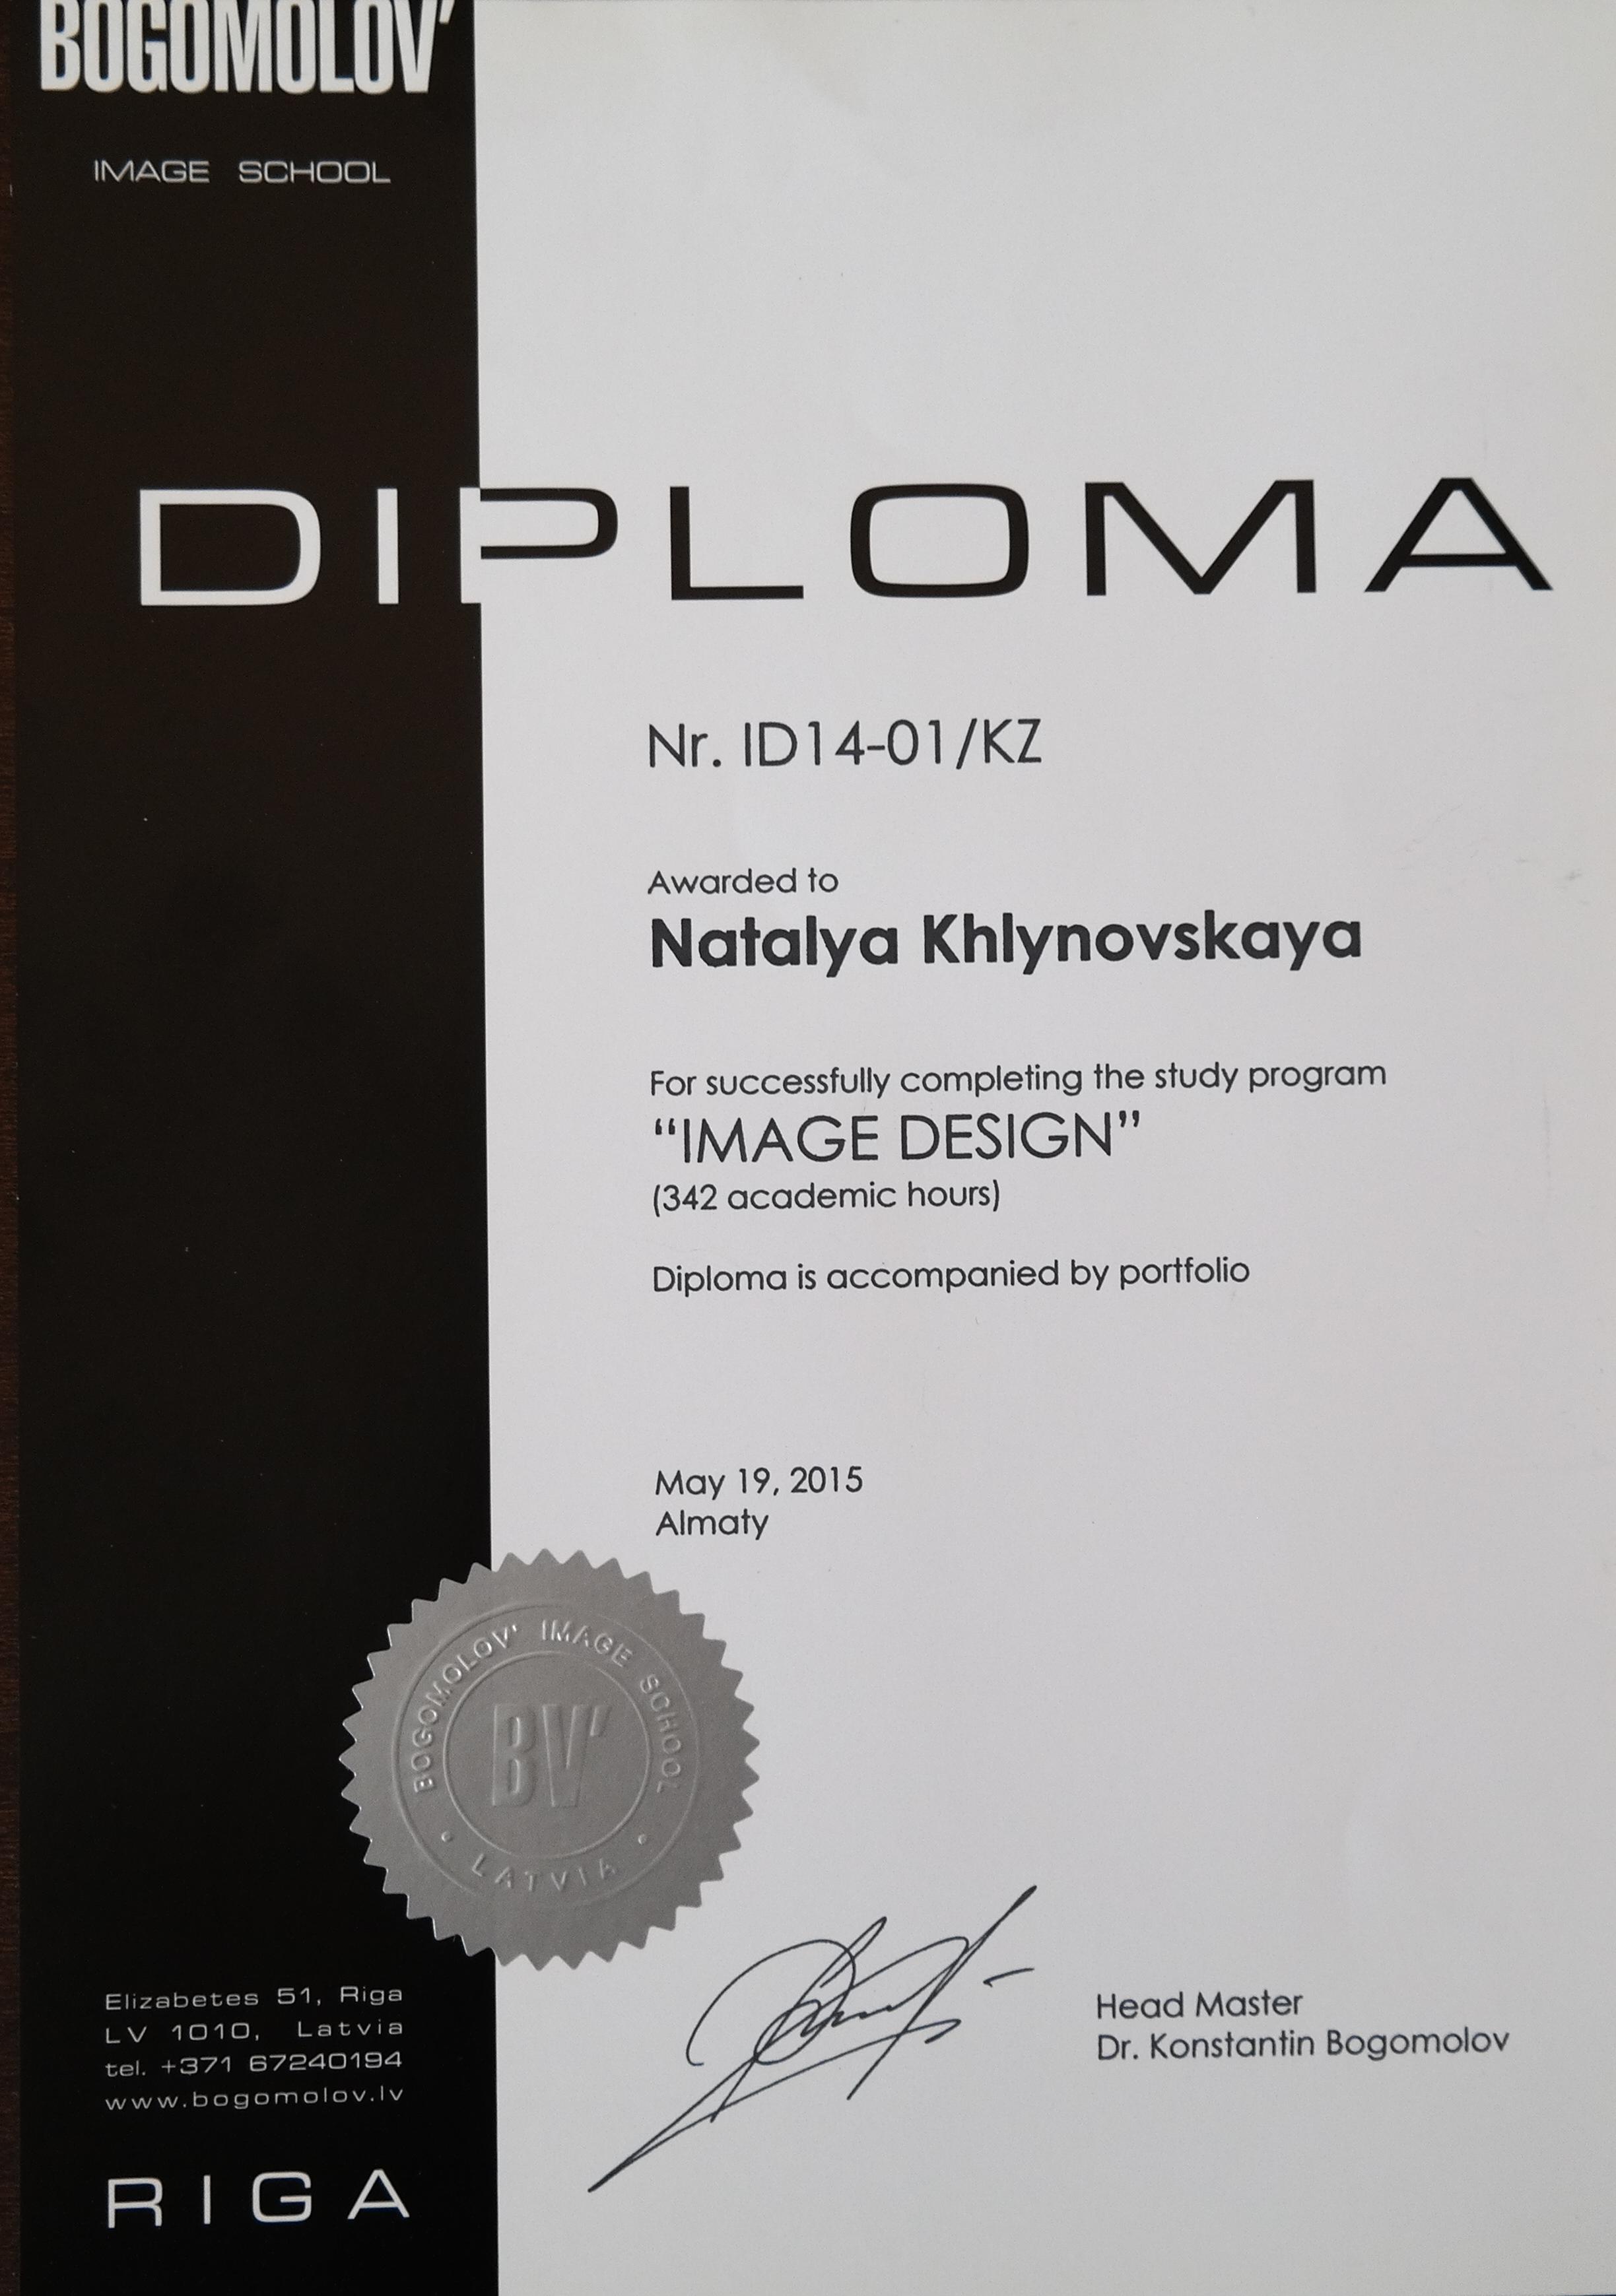 Диплом Имидж Дизайн сопровождается портфолио